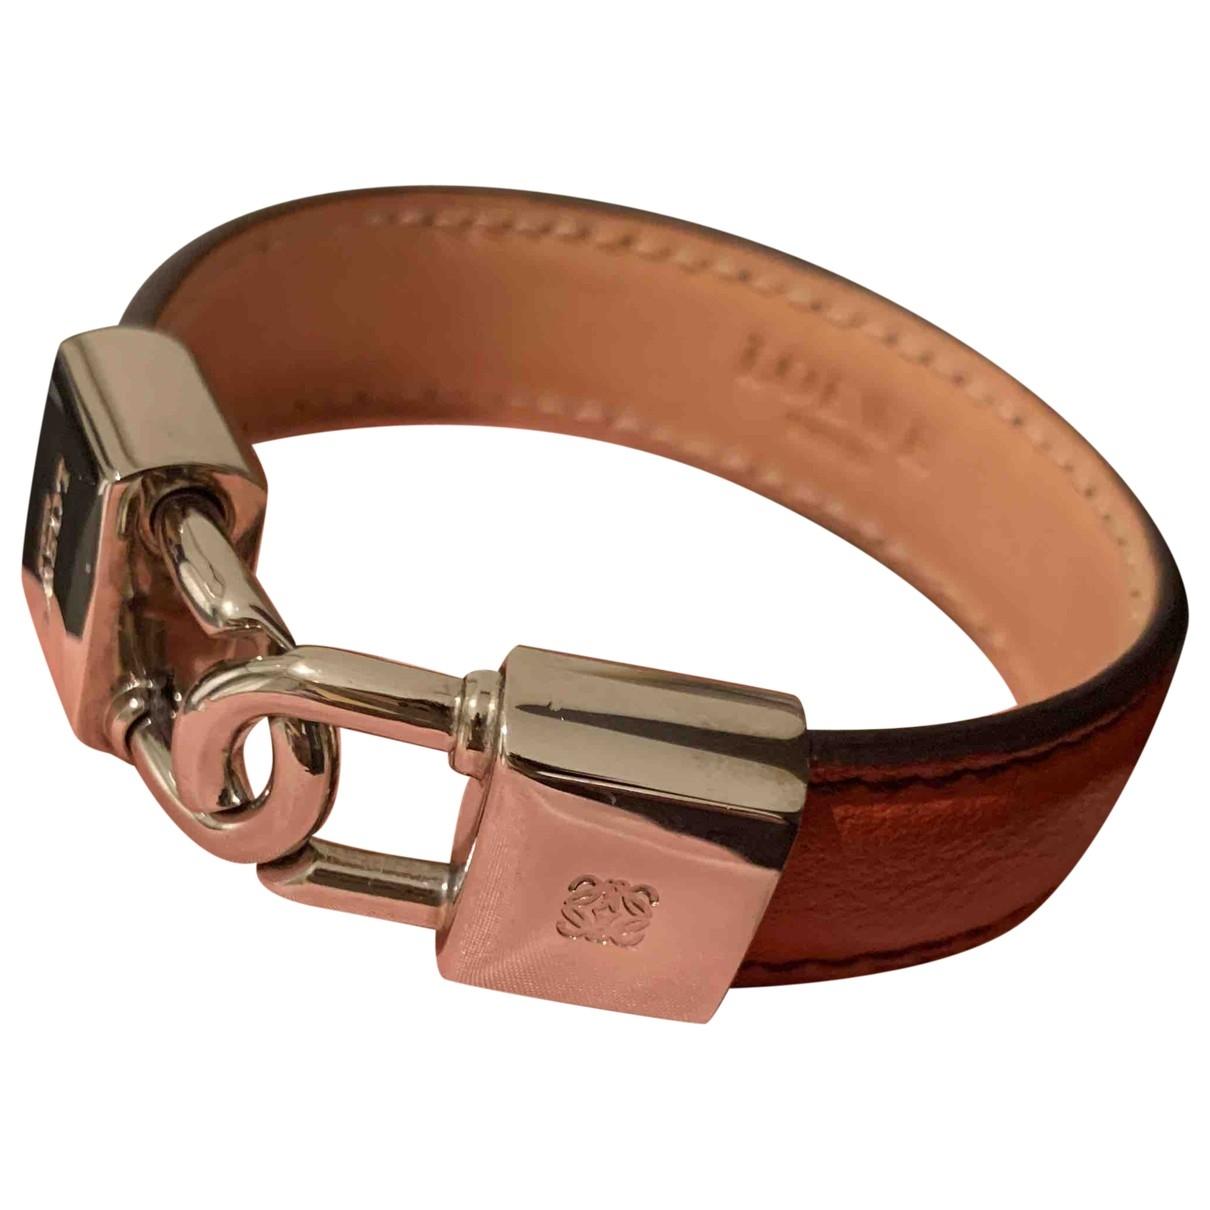 Loewe - Bracelet   pour femme en cuir - orange